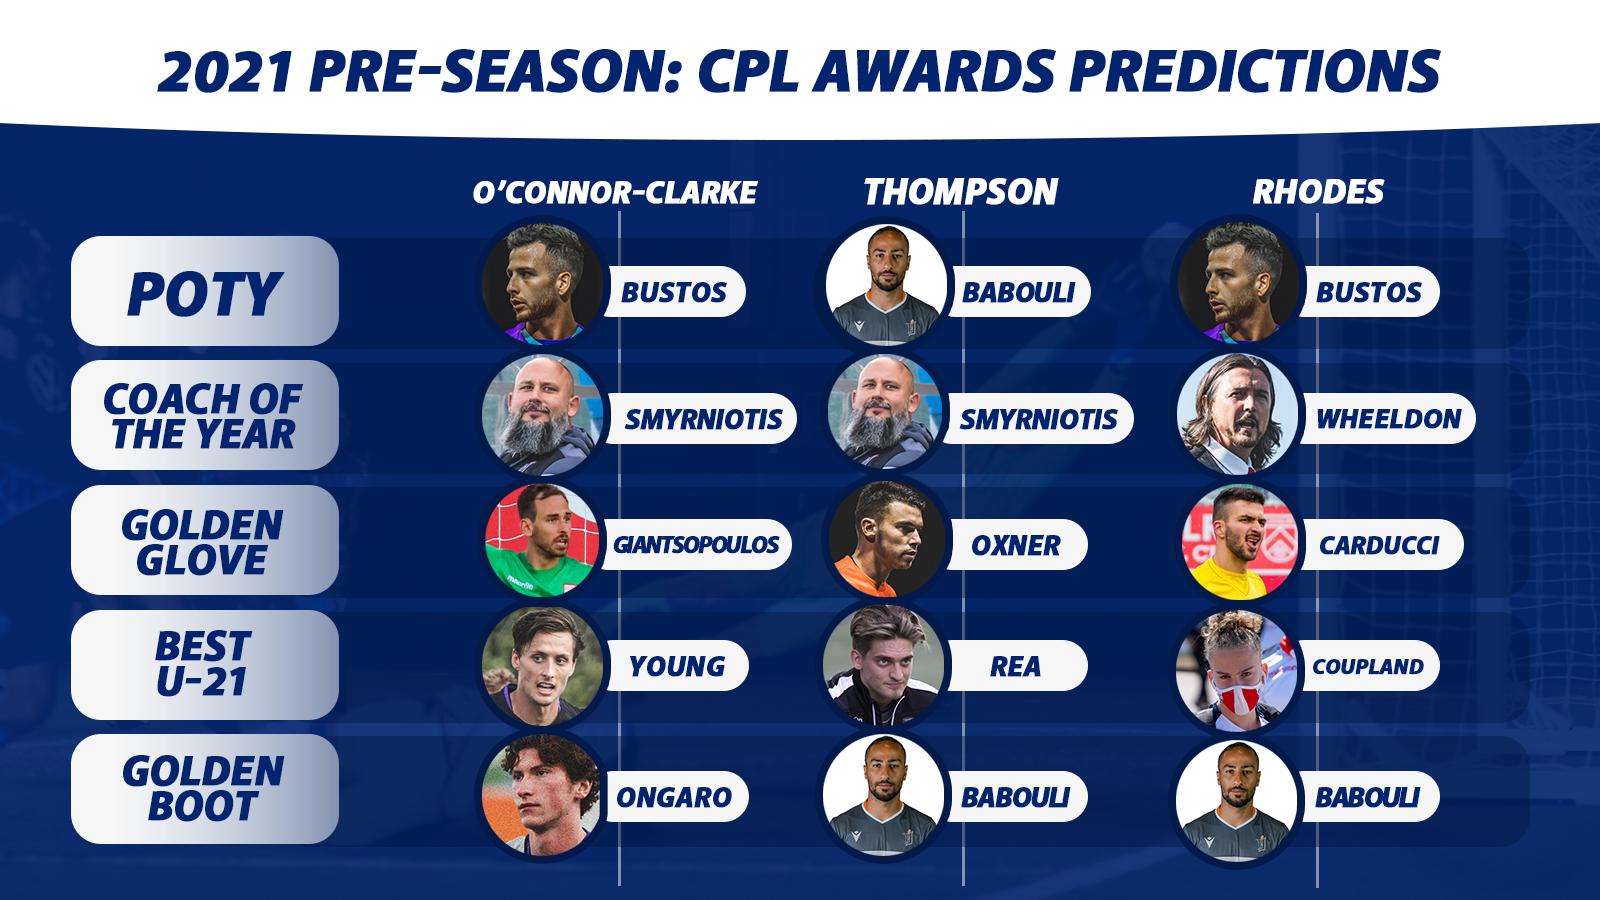 CanPL.ca's pre-season predictions for the 2021 CPL Awards.